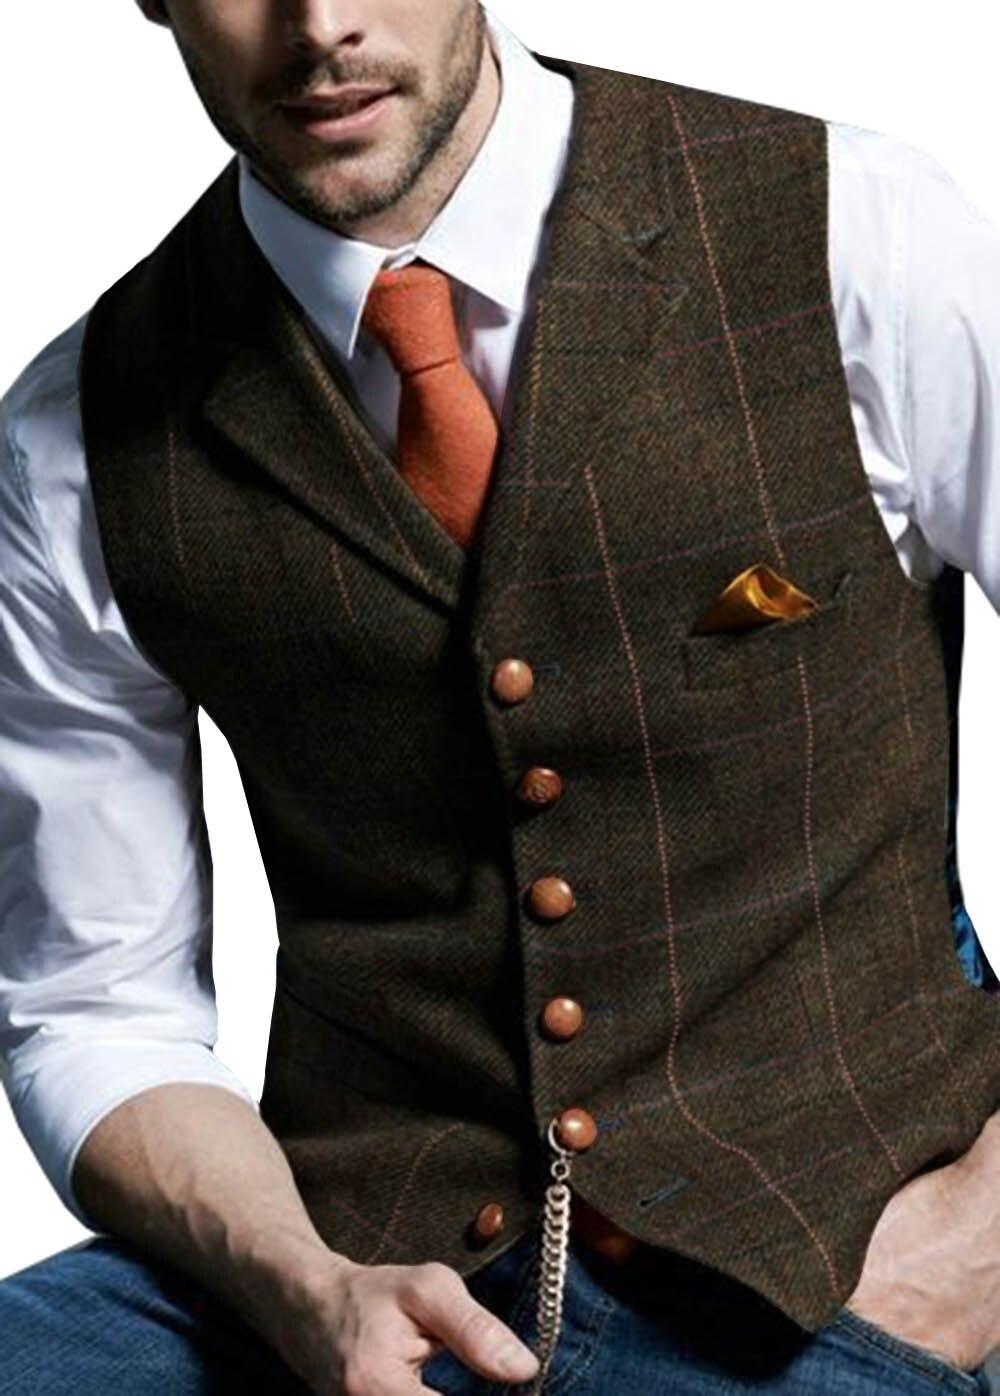 Mens-Suit-Vest-Notched-Plaid-Wool-Herringbone-Tweed-Waistcoat-Casual-Formal-Business-Groomman-For-Wedding-Green (4)